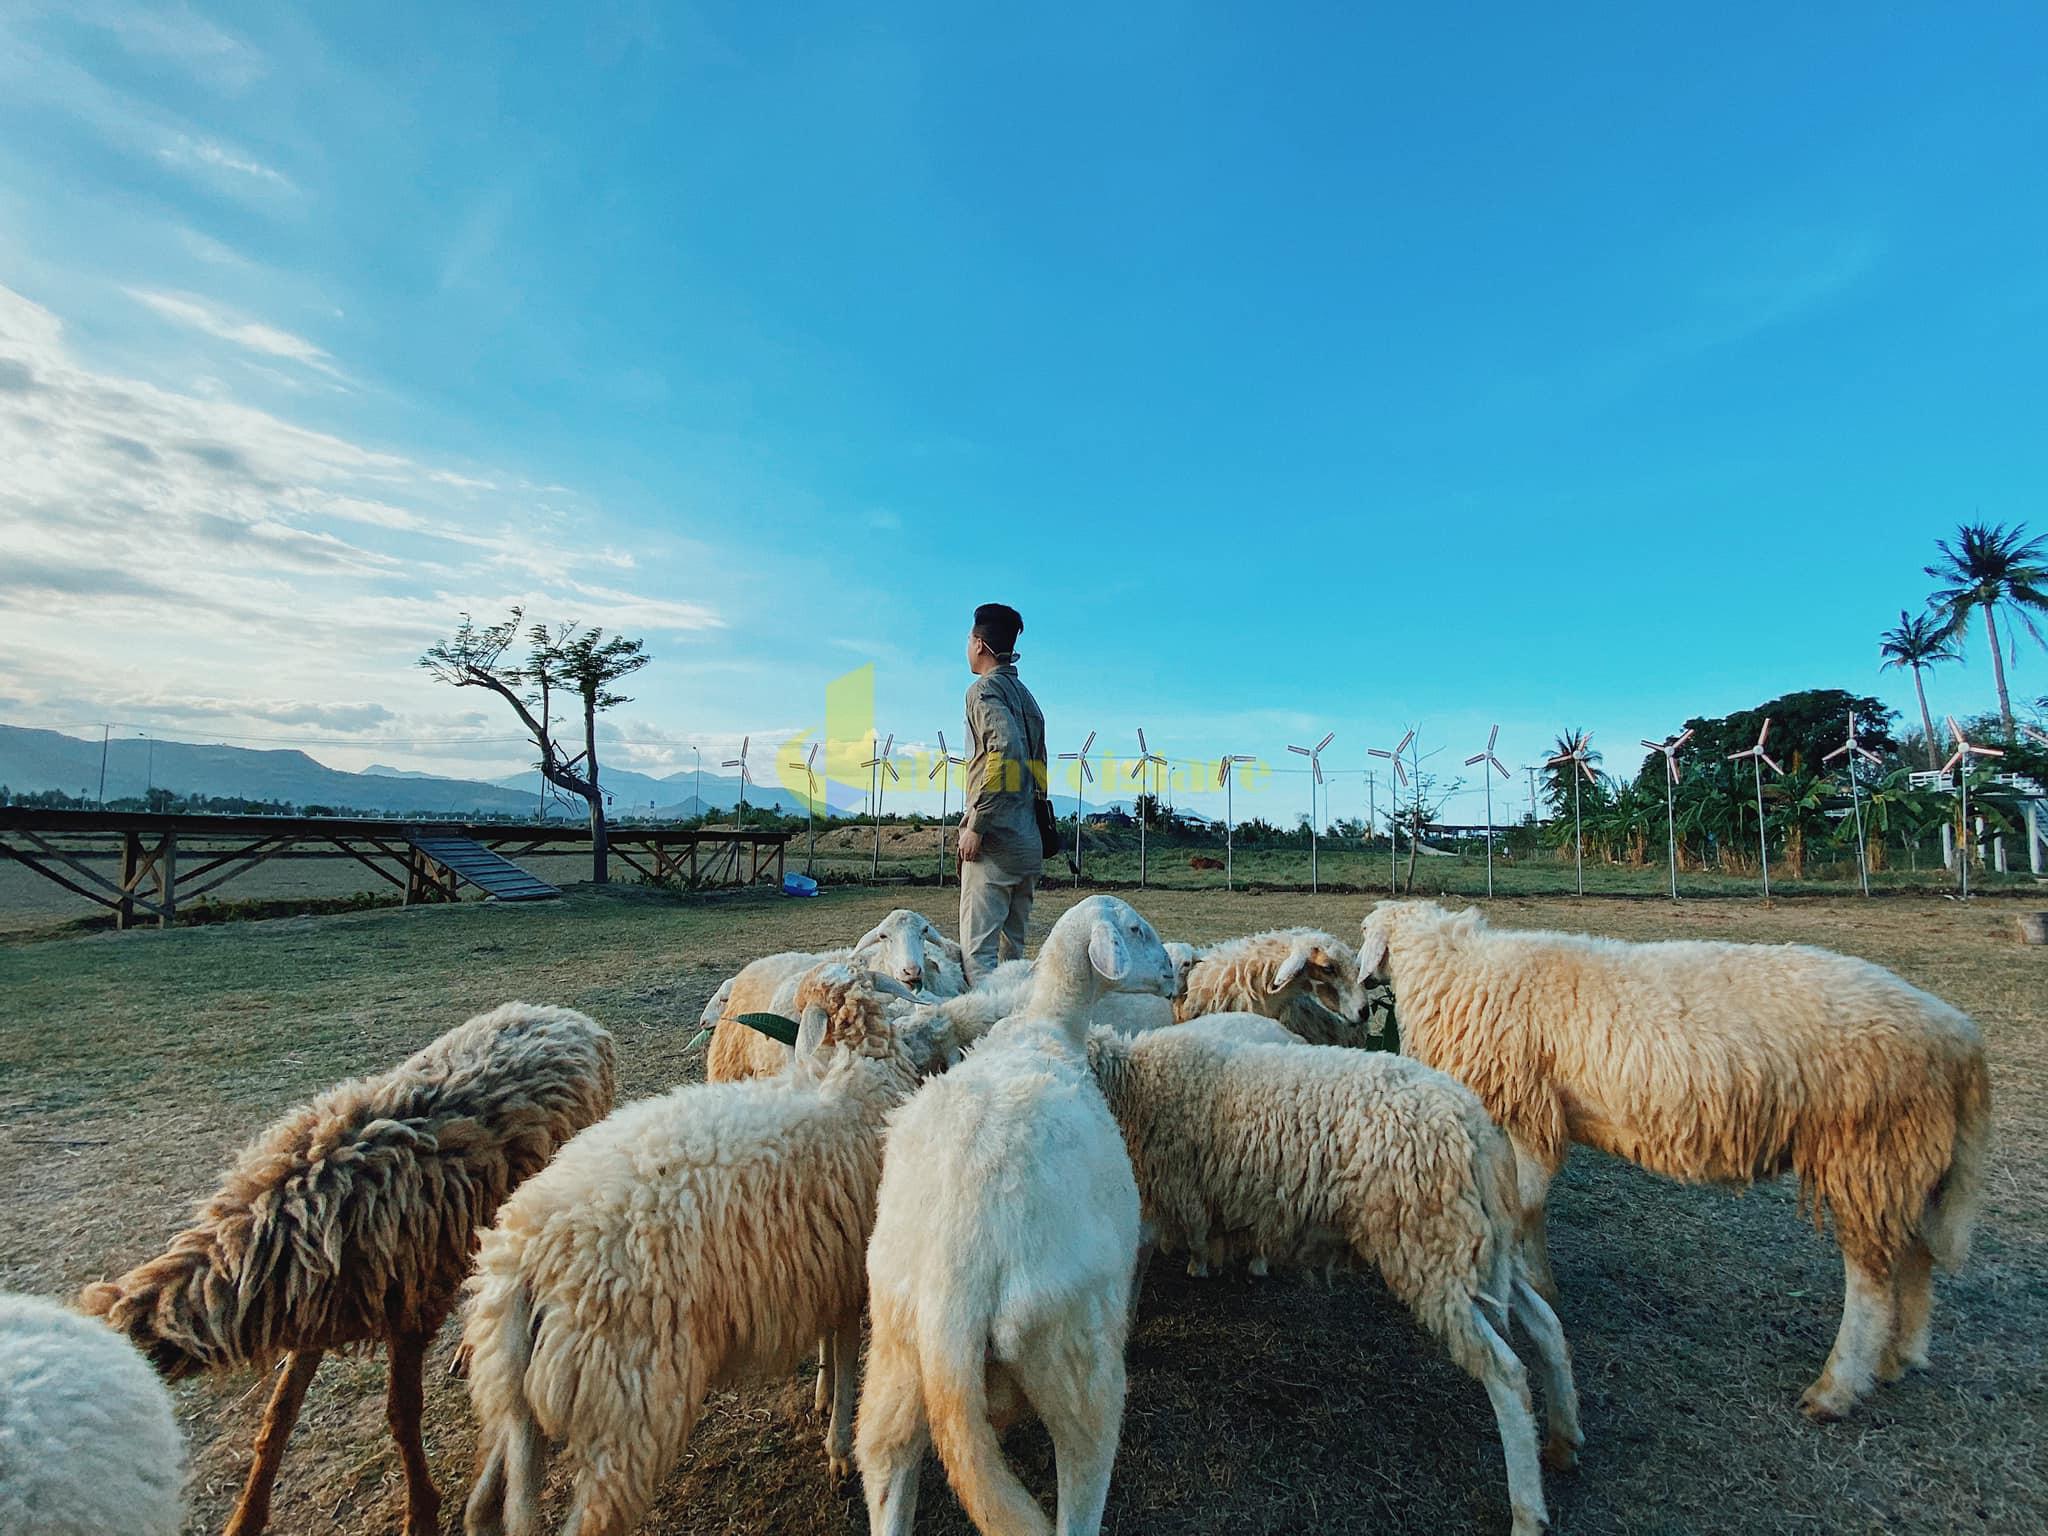 ng-cừu Check in 7 địa điểm nổi bật khi đến Hang Rái - Ninh Thuận